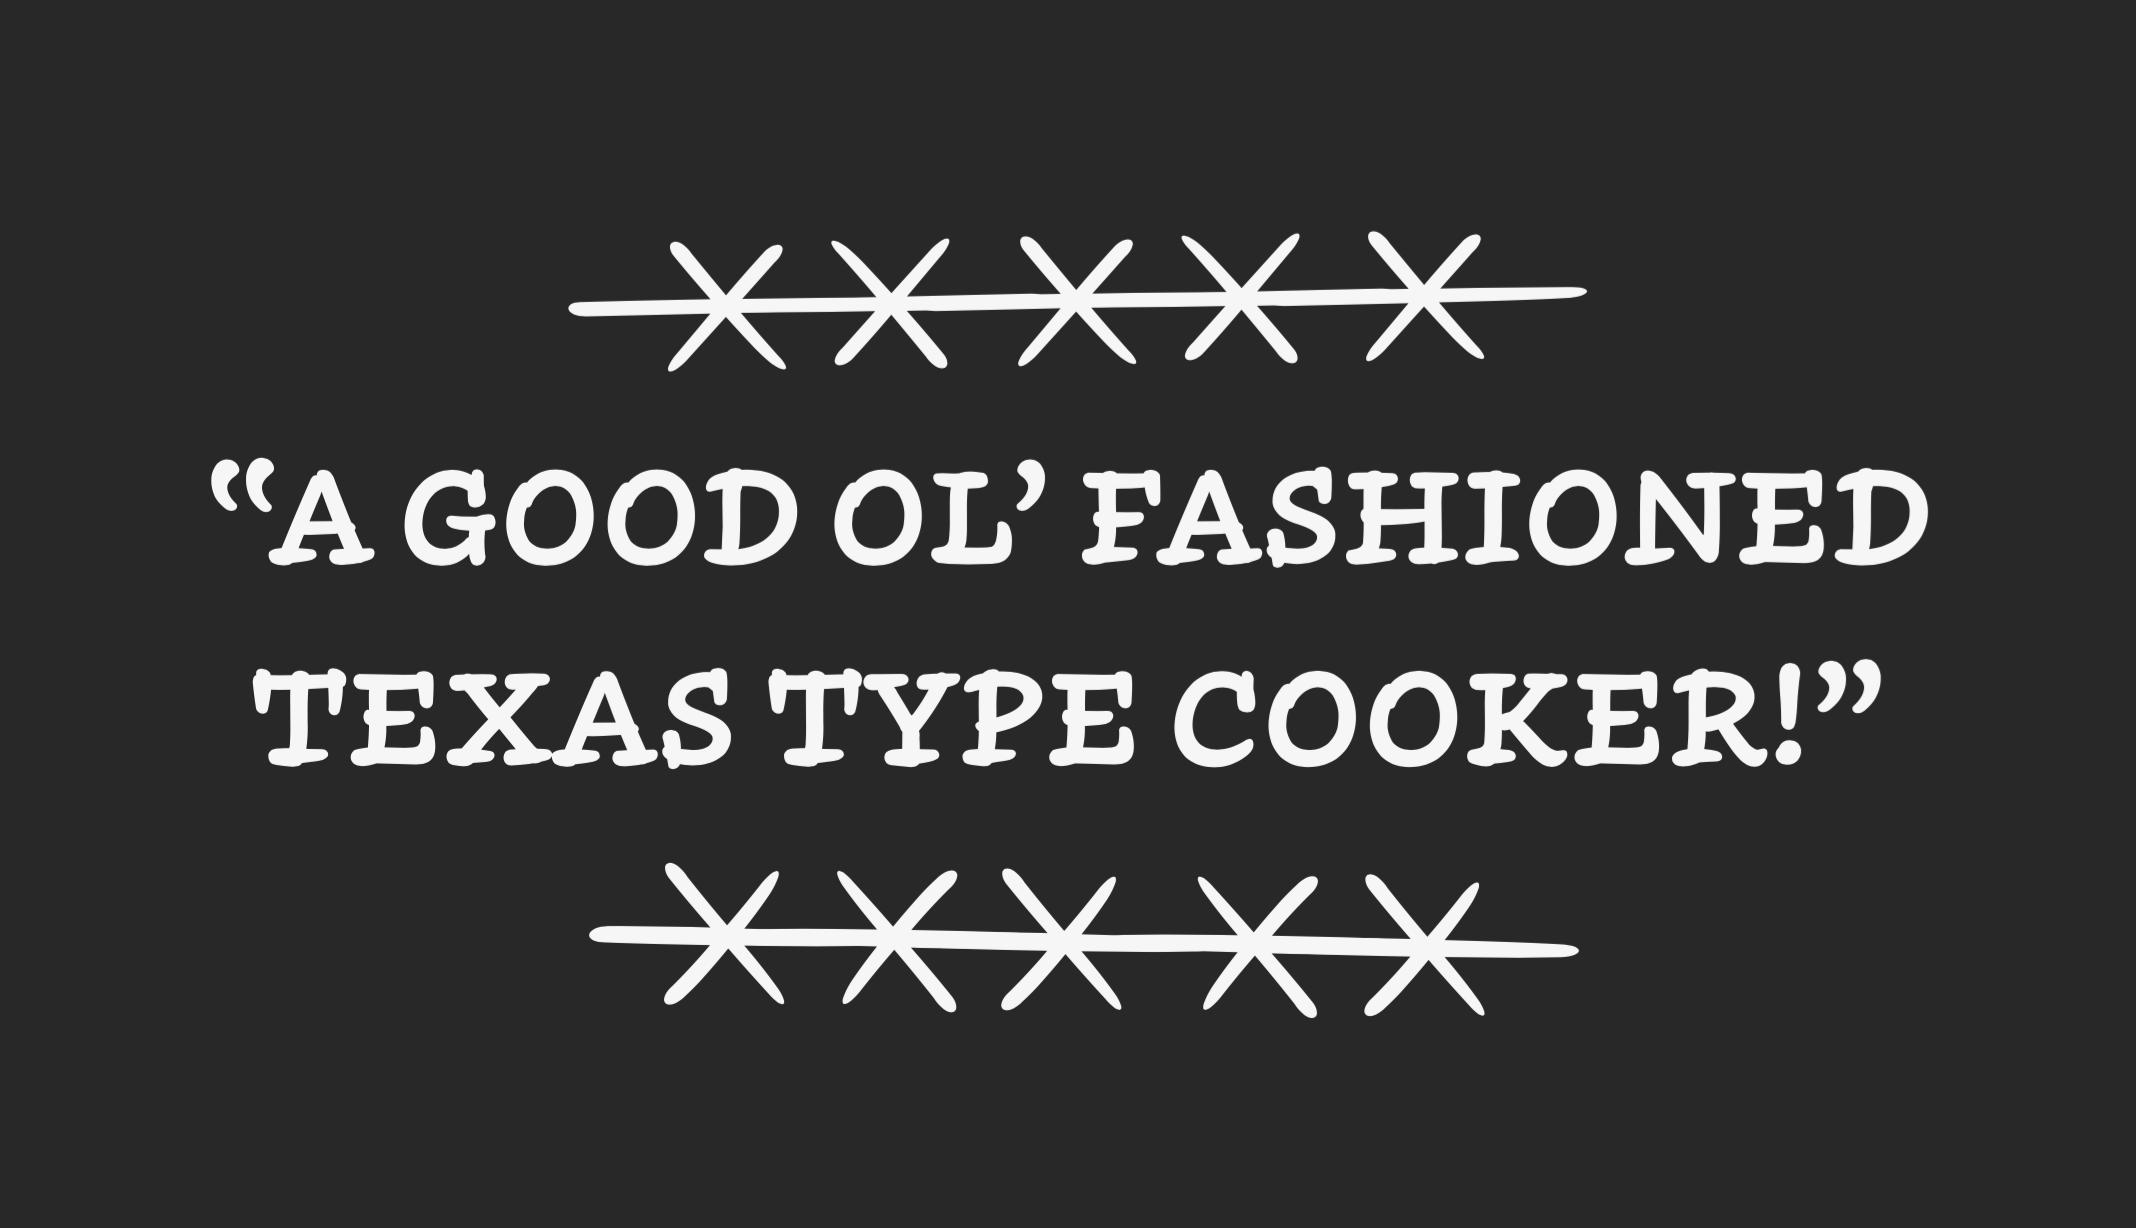 TexasTypeCooker